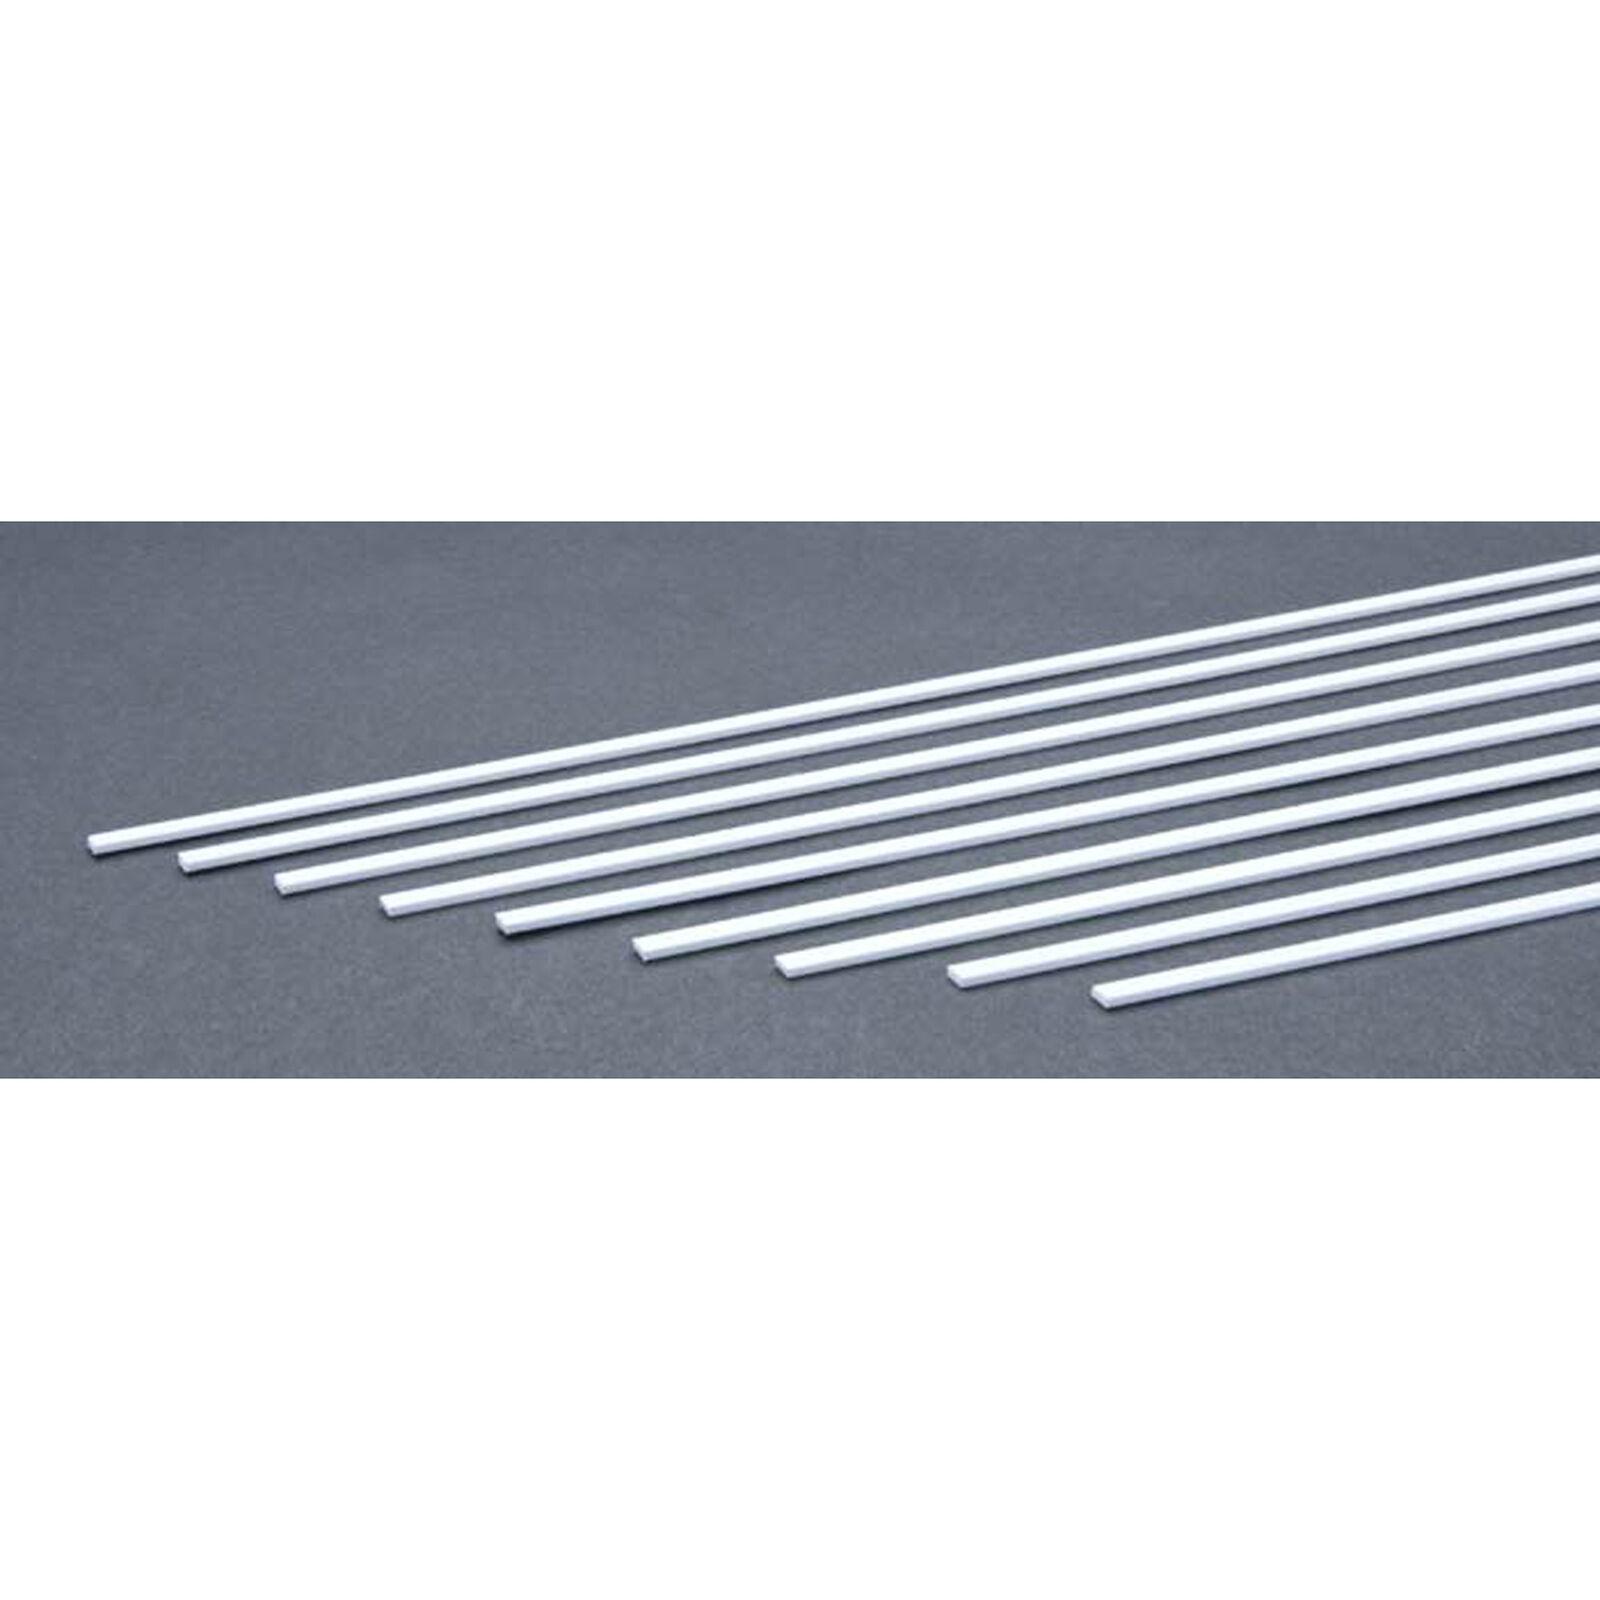 Strip .060 x .188 (9)